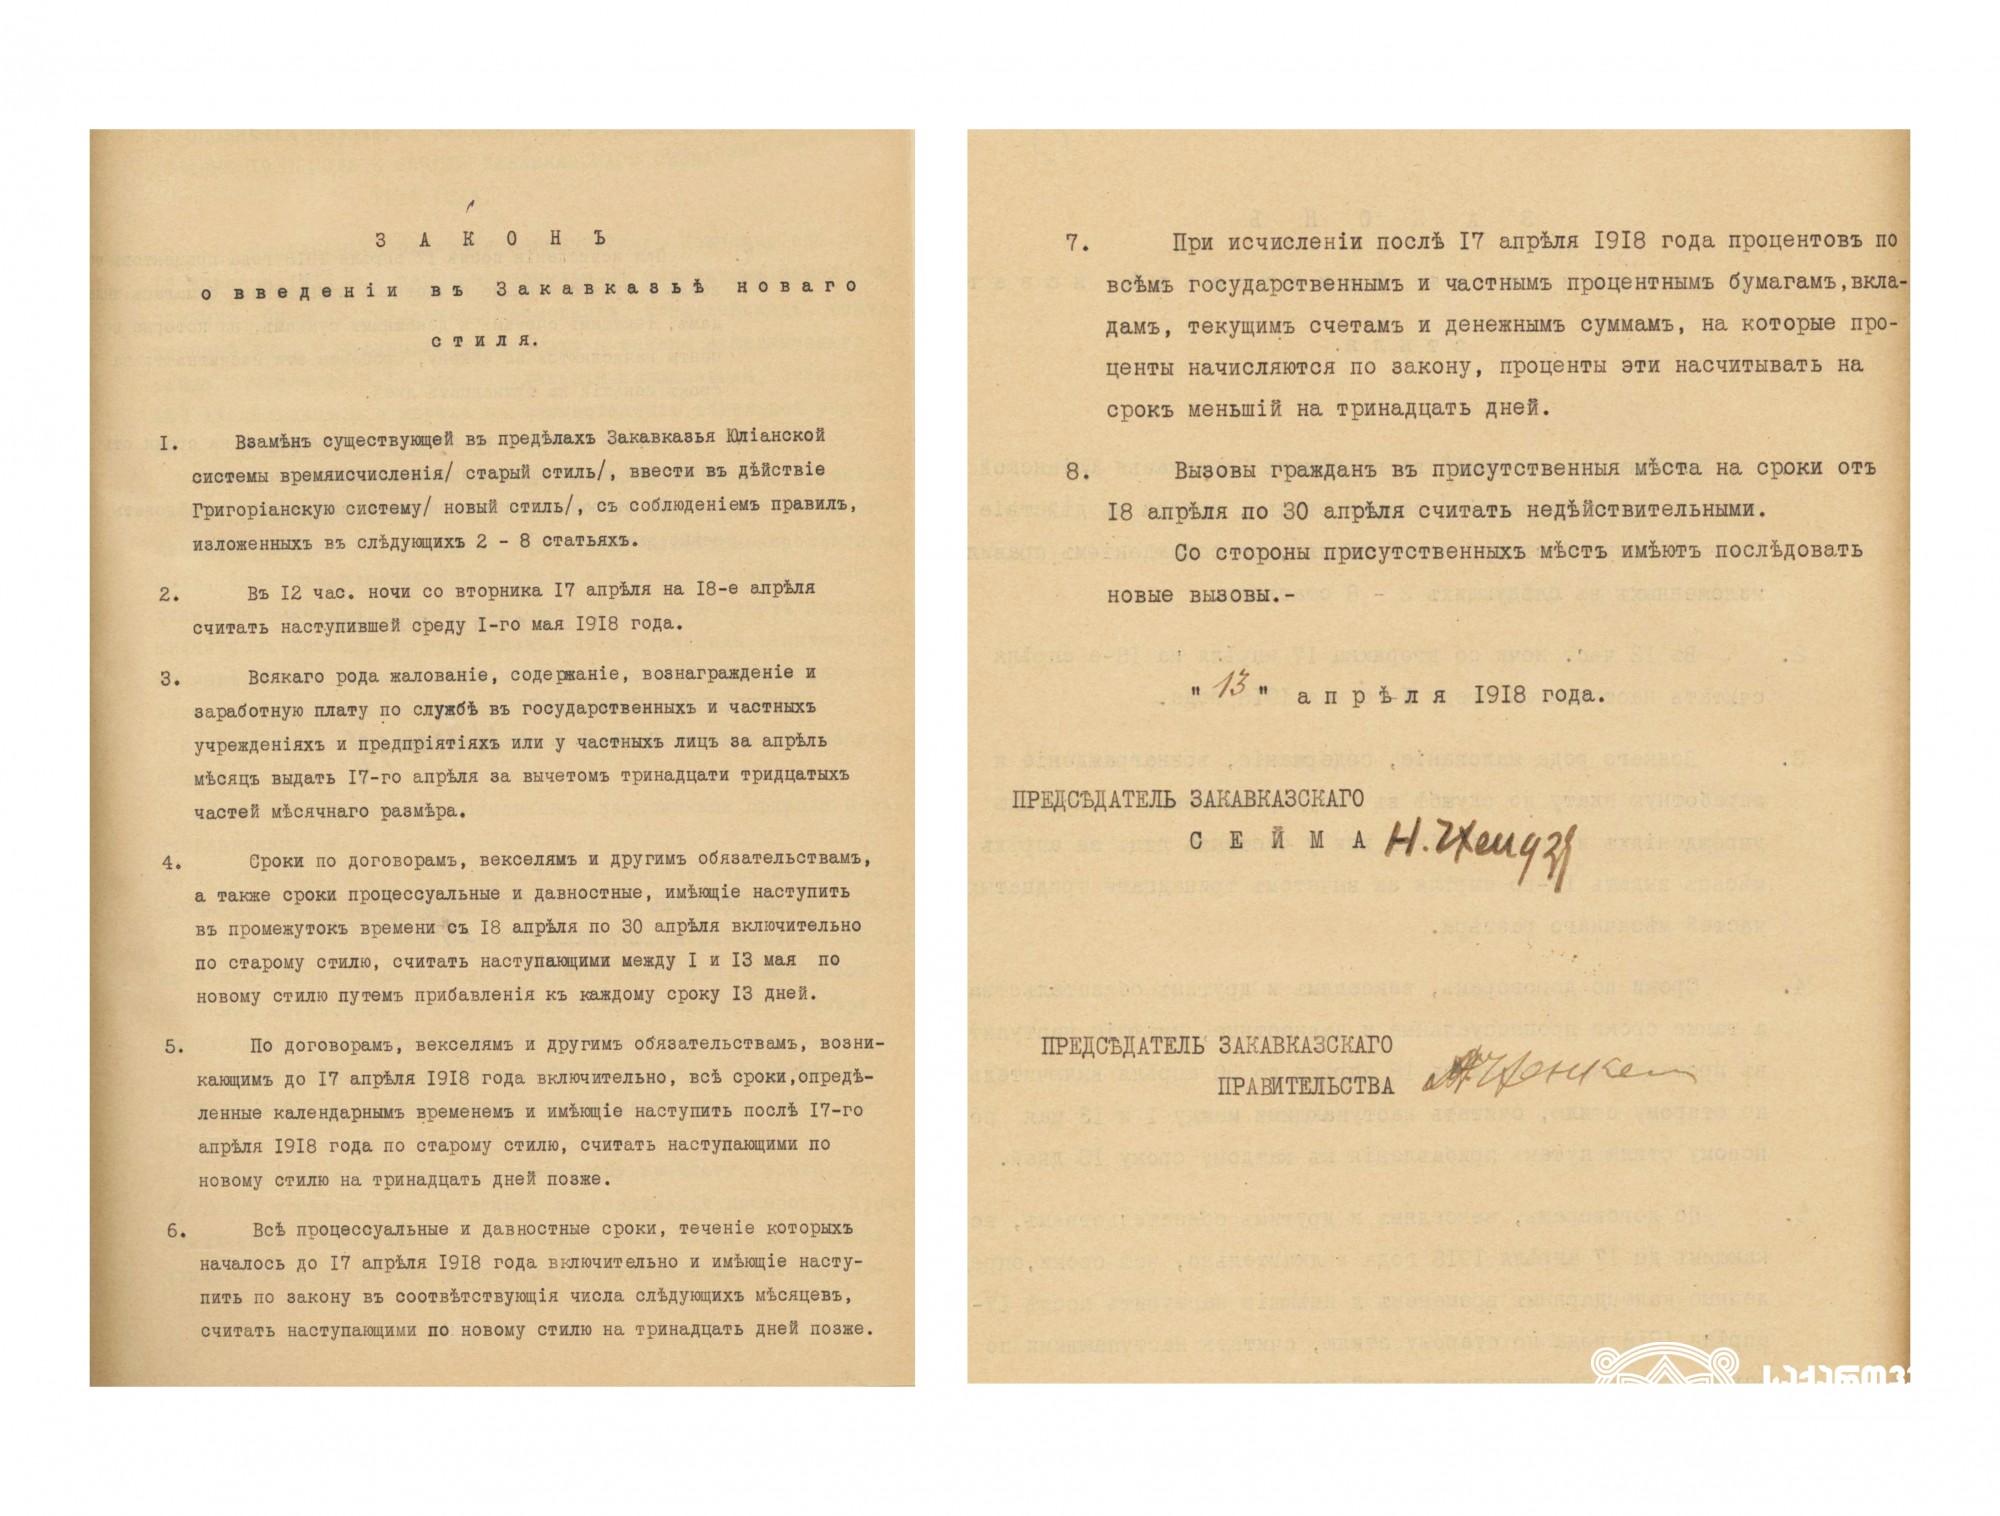 ამიერკავკასიის სეიმის მიერ 1918 წლის 13 აპრილს მიღებული კანონი, ამიერკავკასიაში იულიუსის კალენდრის შეცვლისა და მის ნაცვლად გრიგორიუსის კალენდრის შემოღების შესახებ. <br> The Law adopted by the Transcaucasian Sejm on 13 April, 1918 about transition of the Julian calendar to the Gregorian calendar.